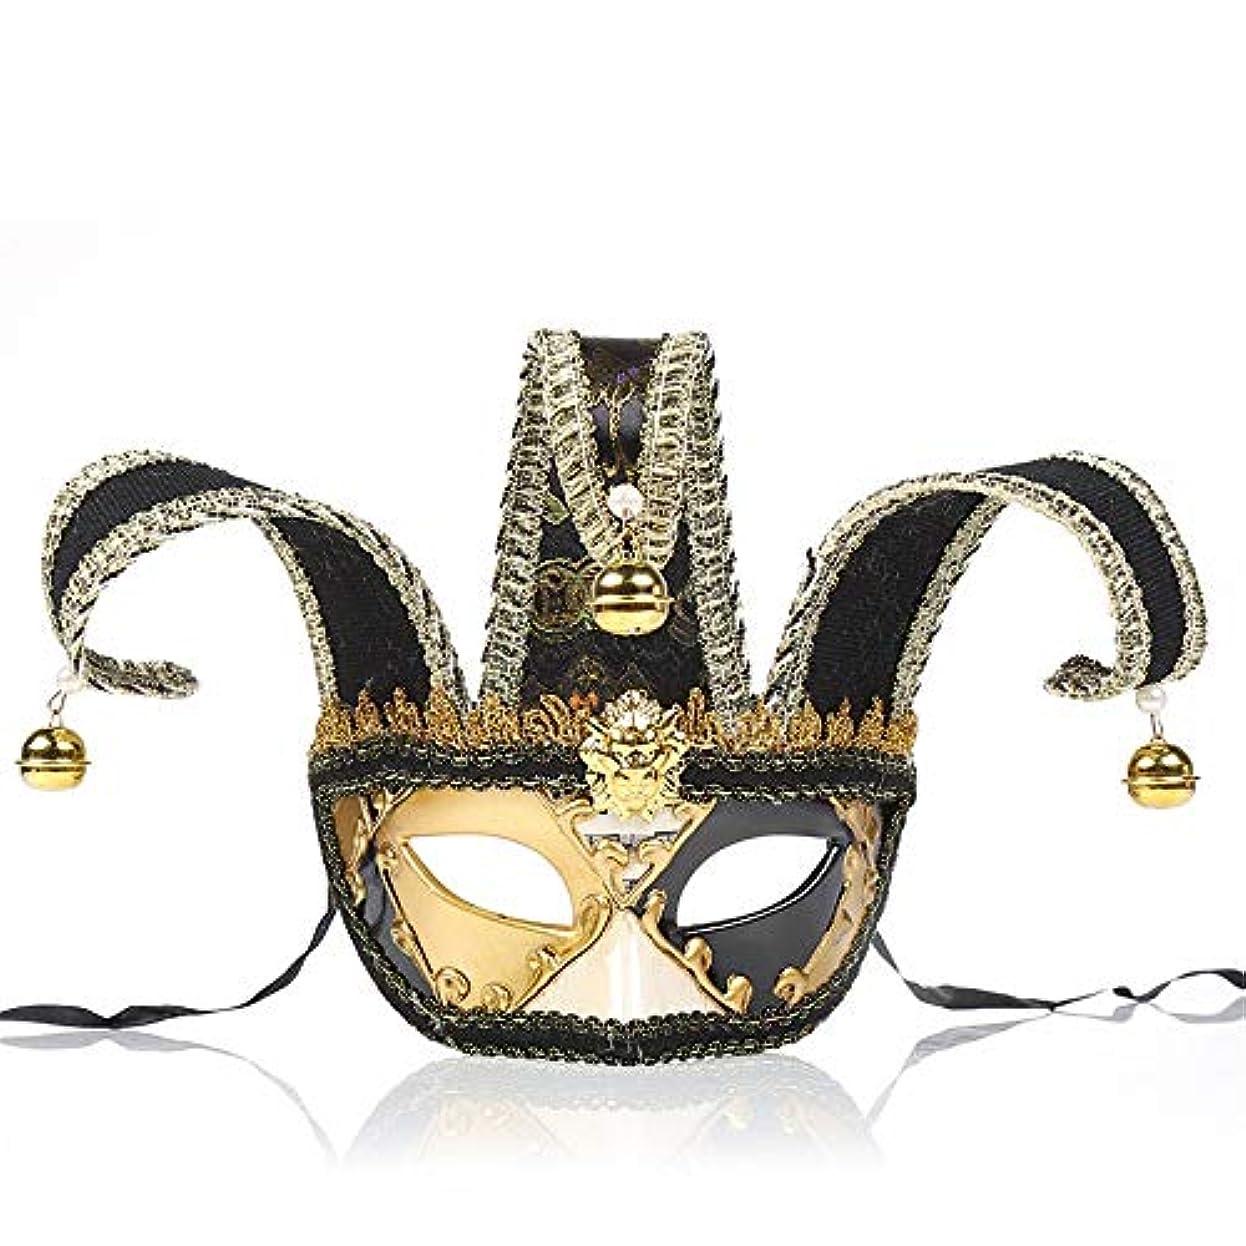 遮る反逆伝染病ダンスマスク 若者の少女ハロウィーンギフトレトロマスクホット販売マスカレードロールプレイング装飾 ホリデーパーティー用品 (色 : ブラック, サイズ : 28x16.5cm)